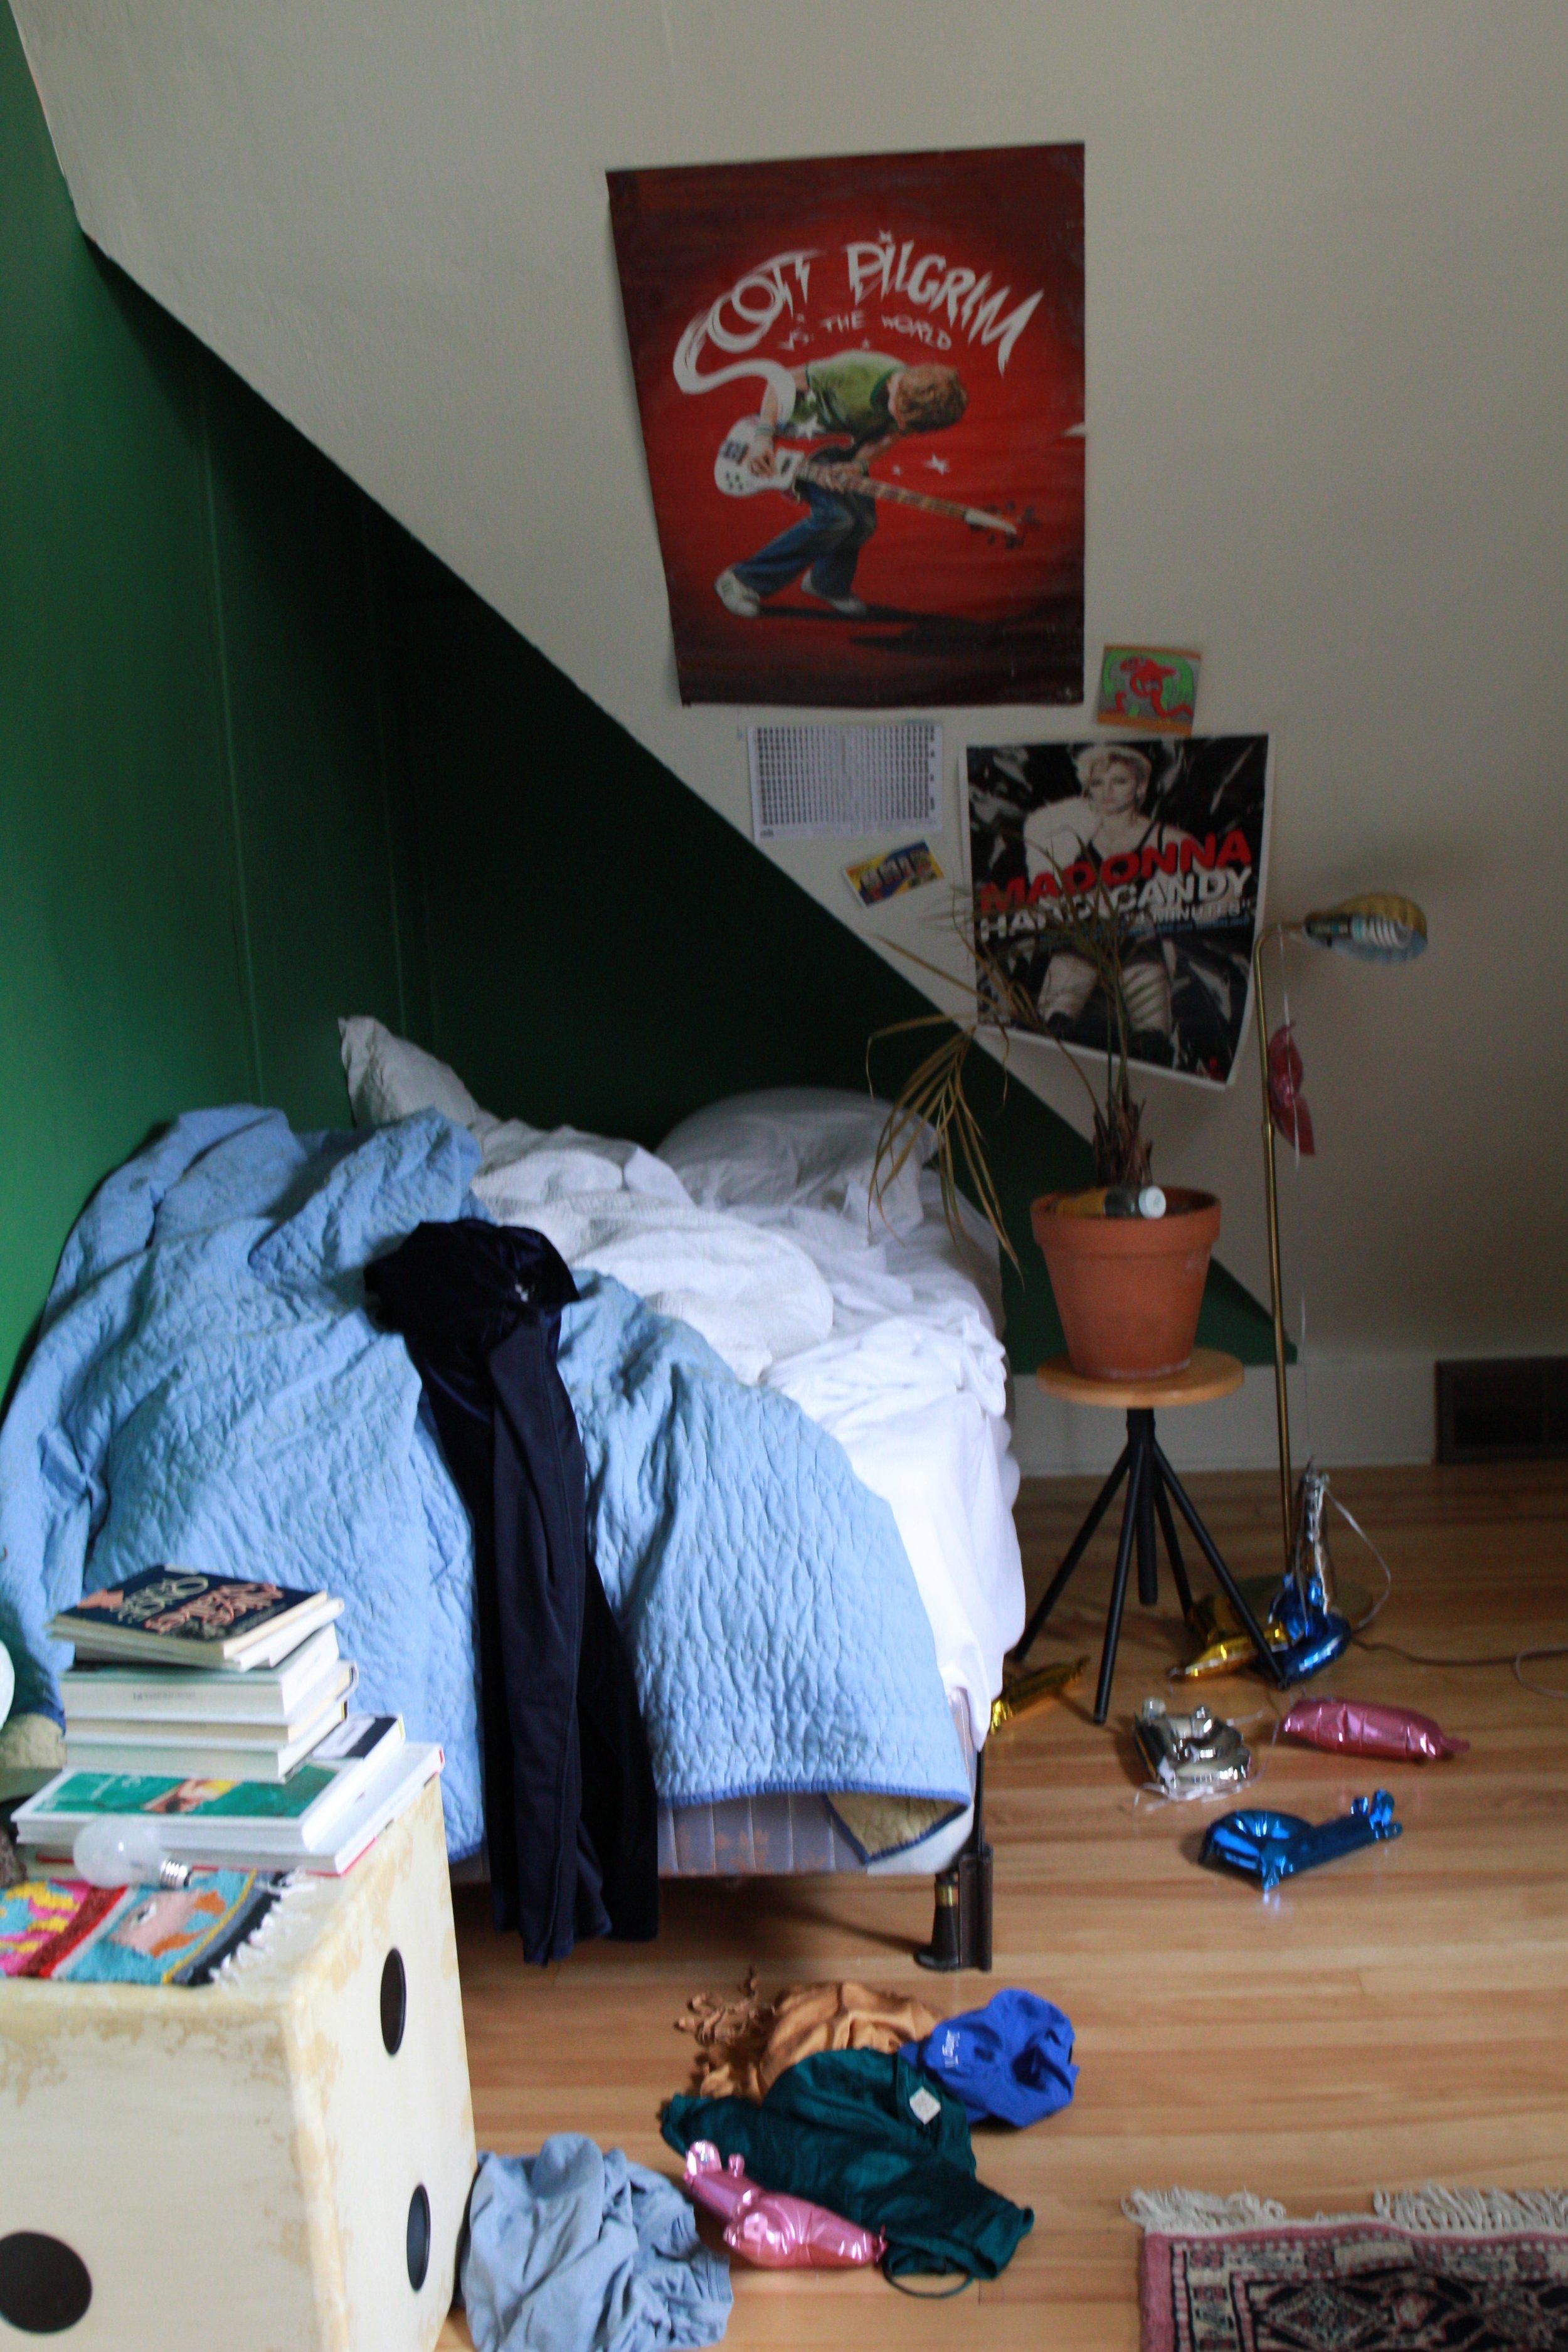 Messy teen bedroom in the 2010s.